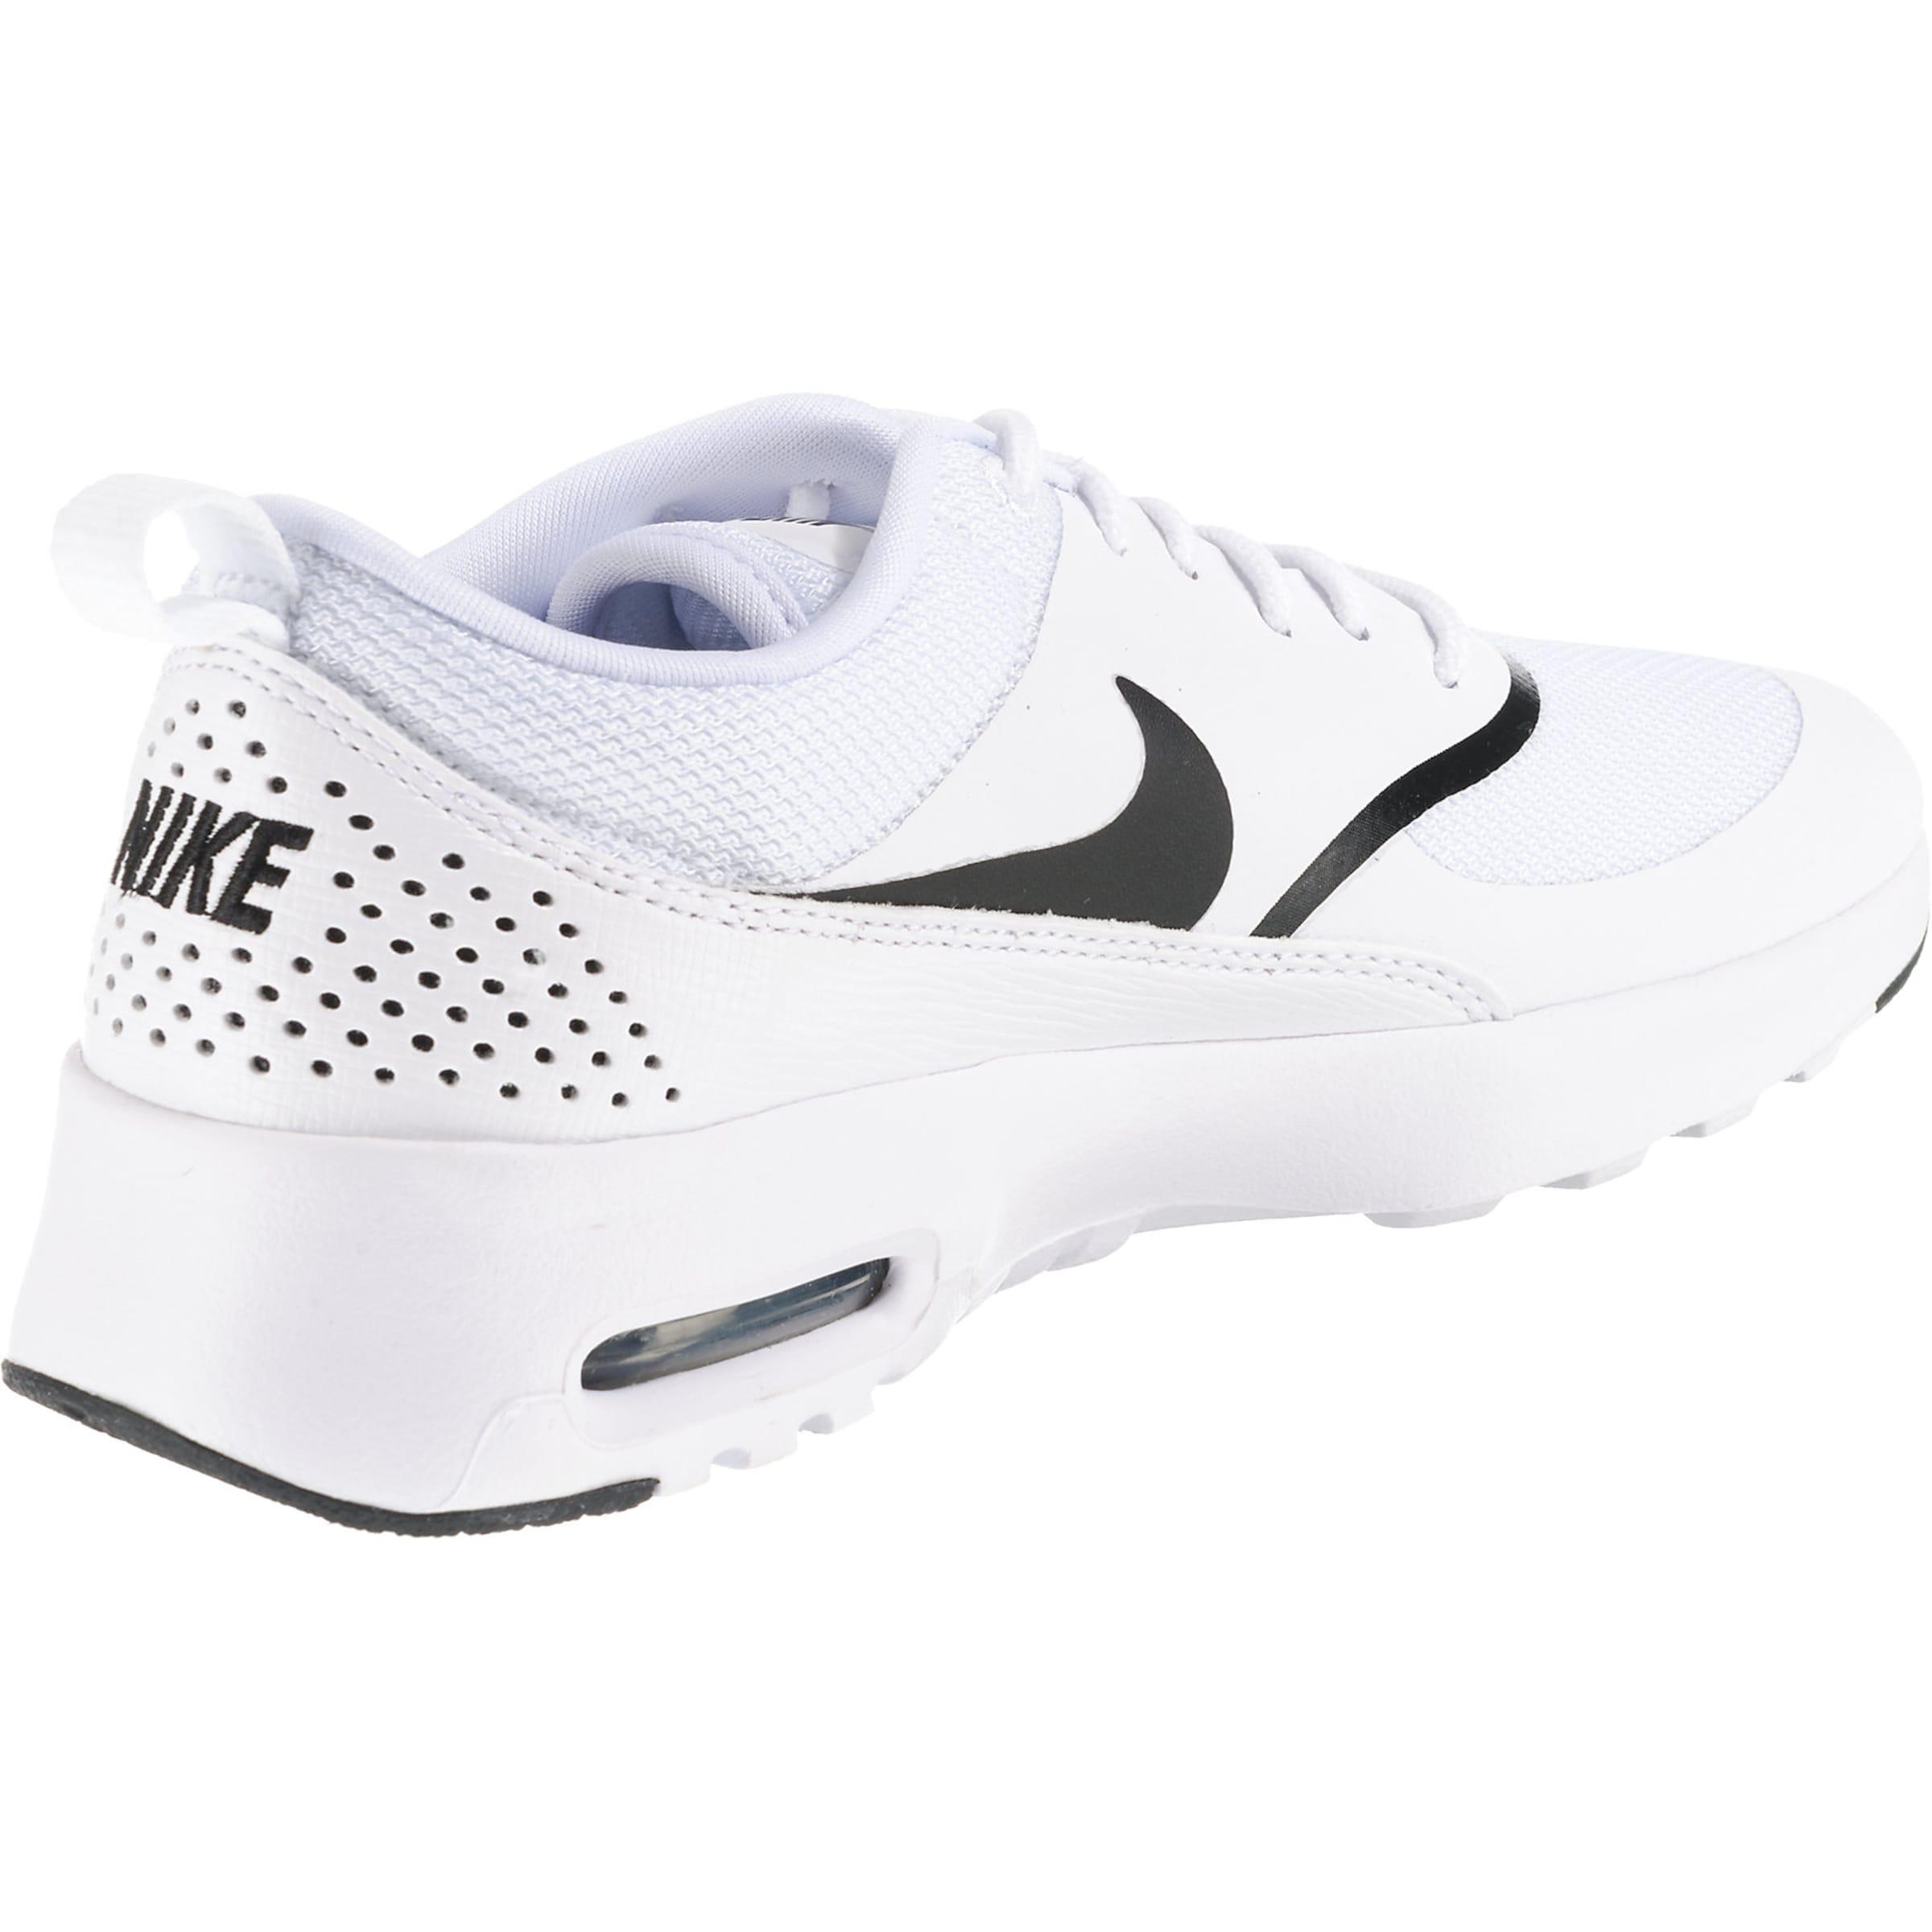 Max Baskets ClairNoir En Sportswear Basses Blanc 'air Thea' Bleu Nike n0OP8kw